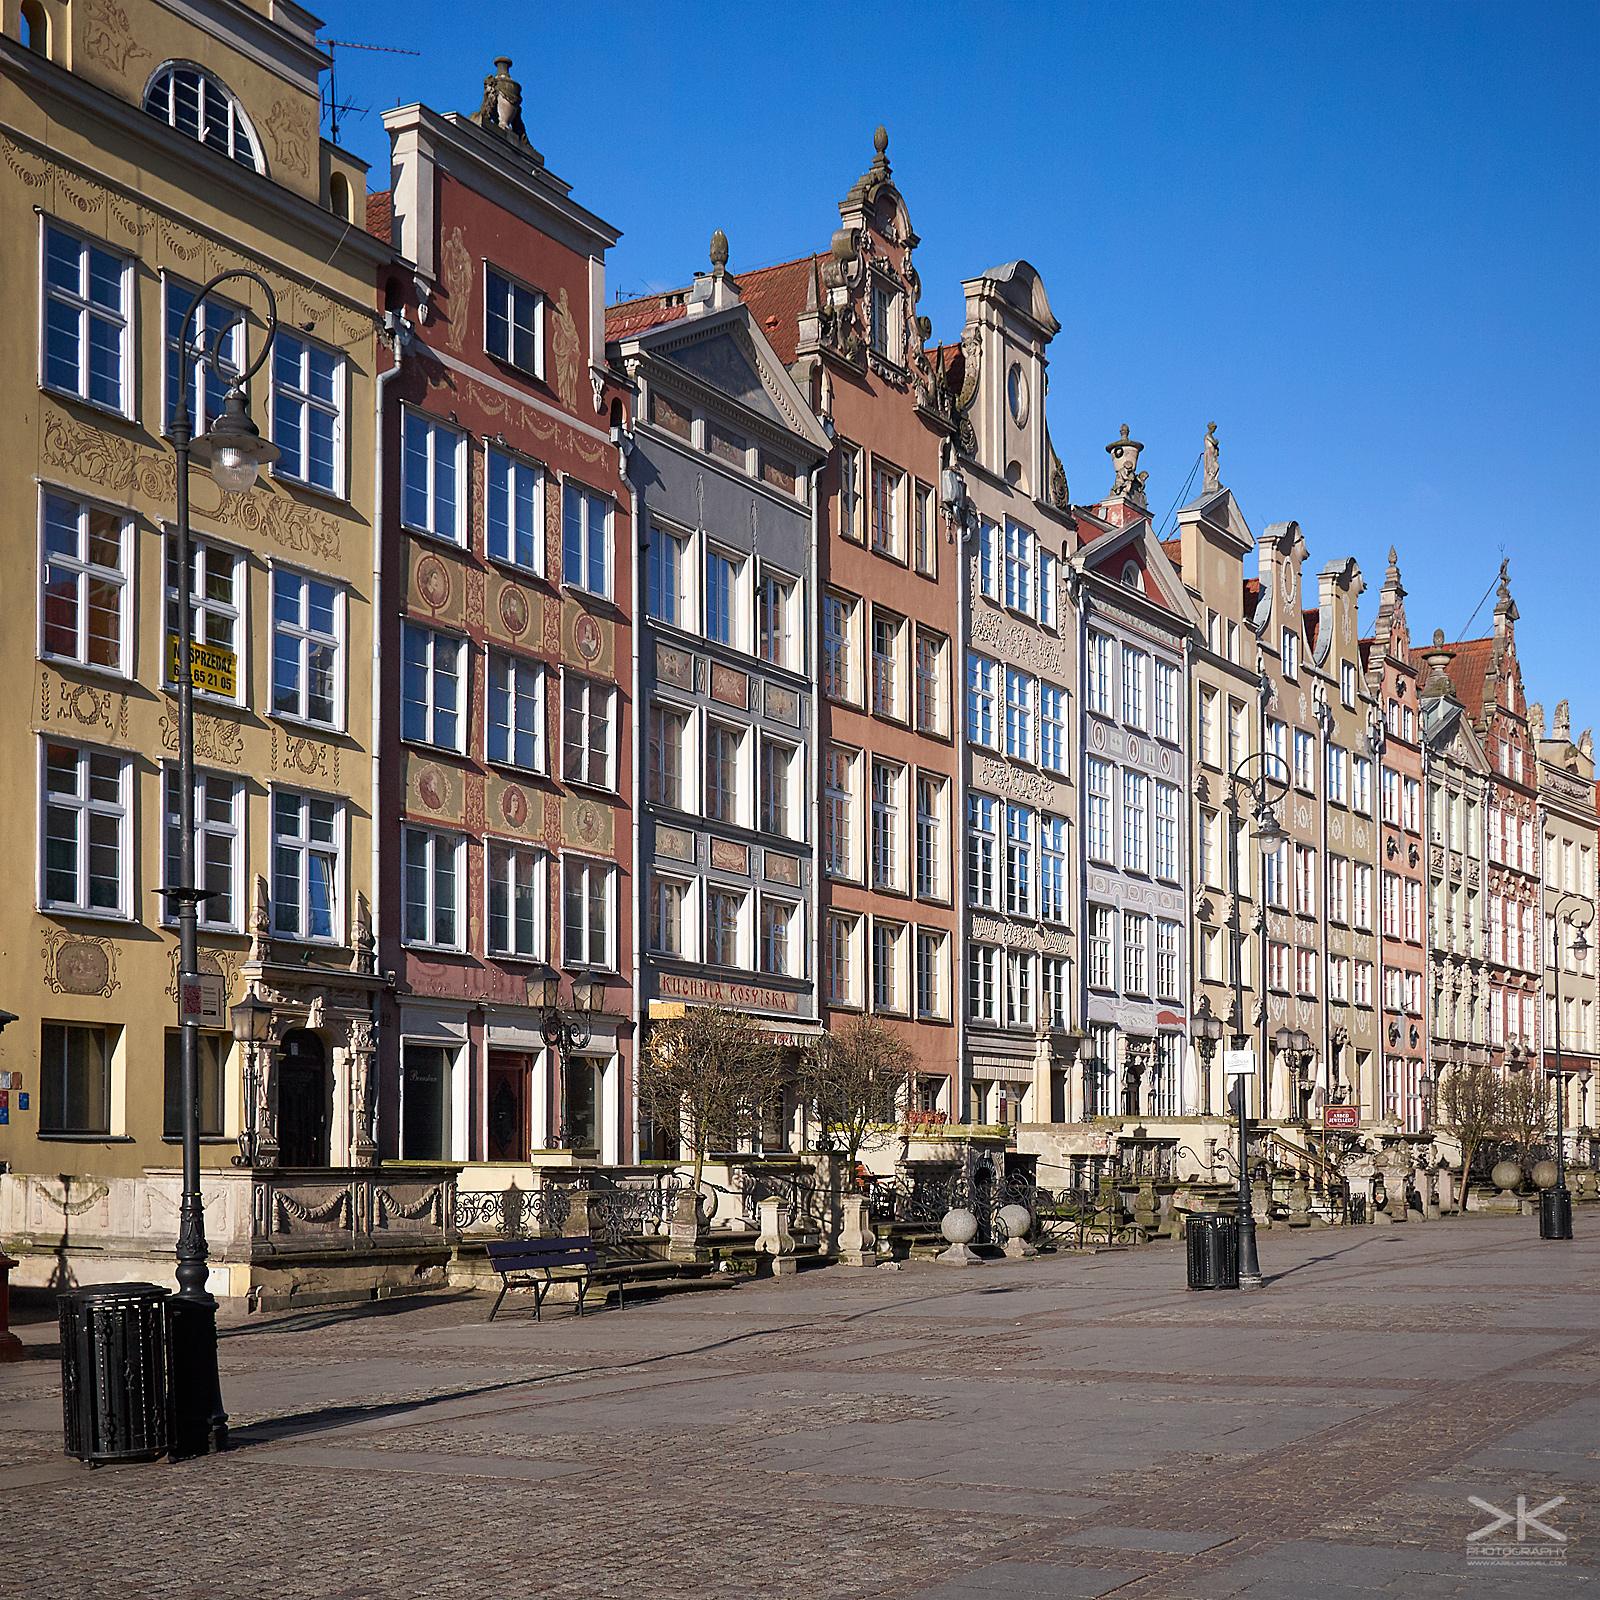 Gdansk [Polsko] / [Poland]